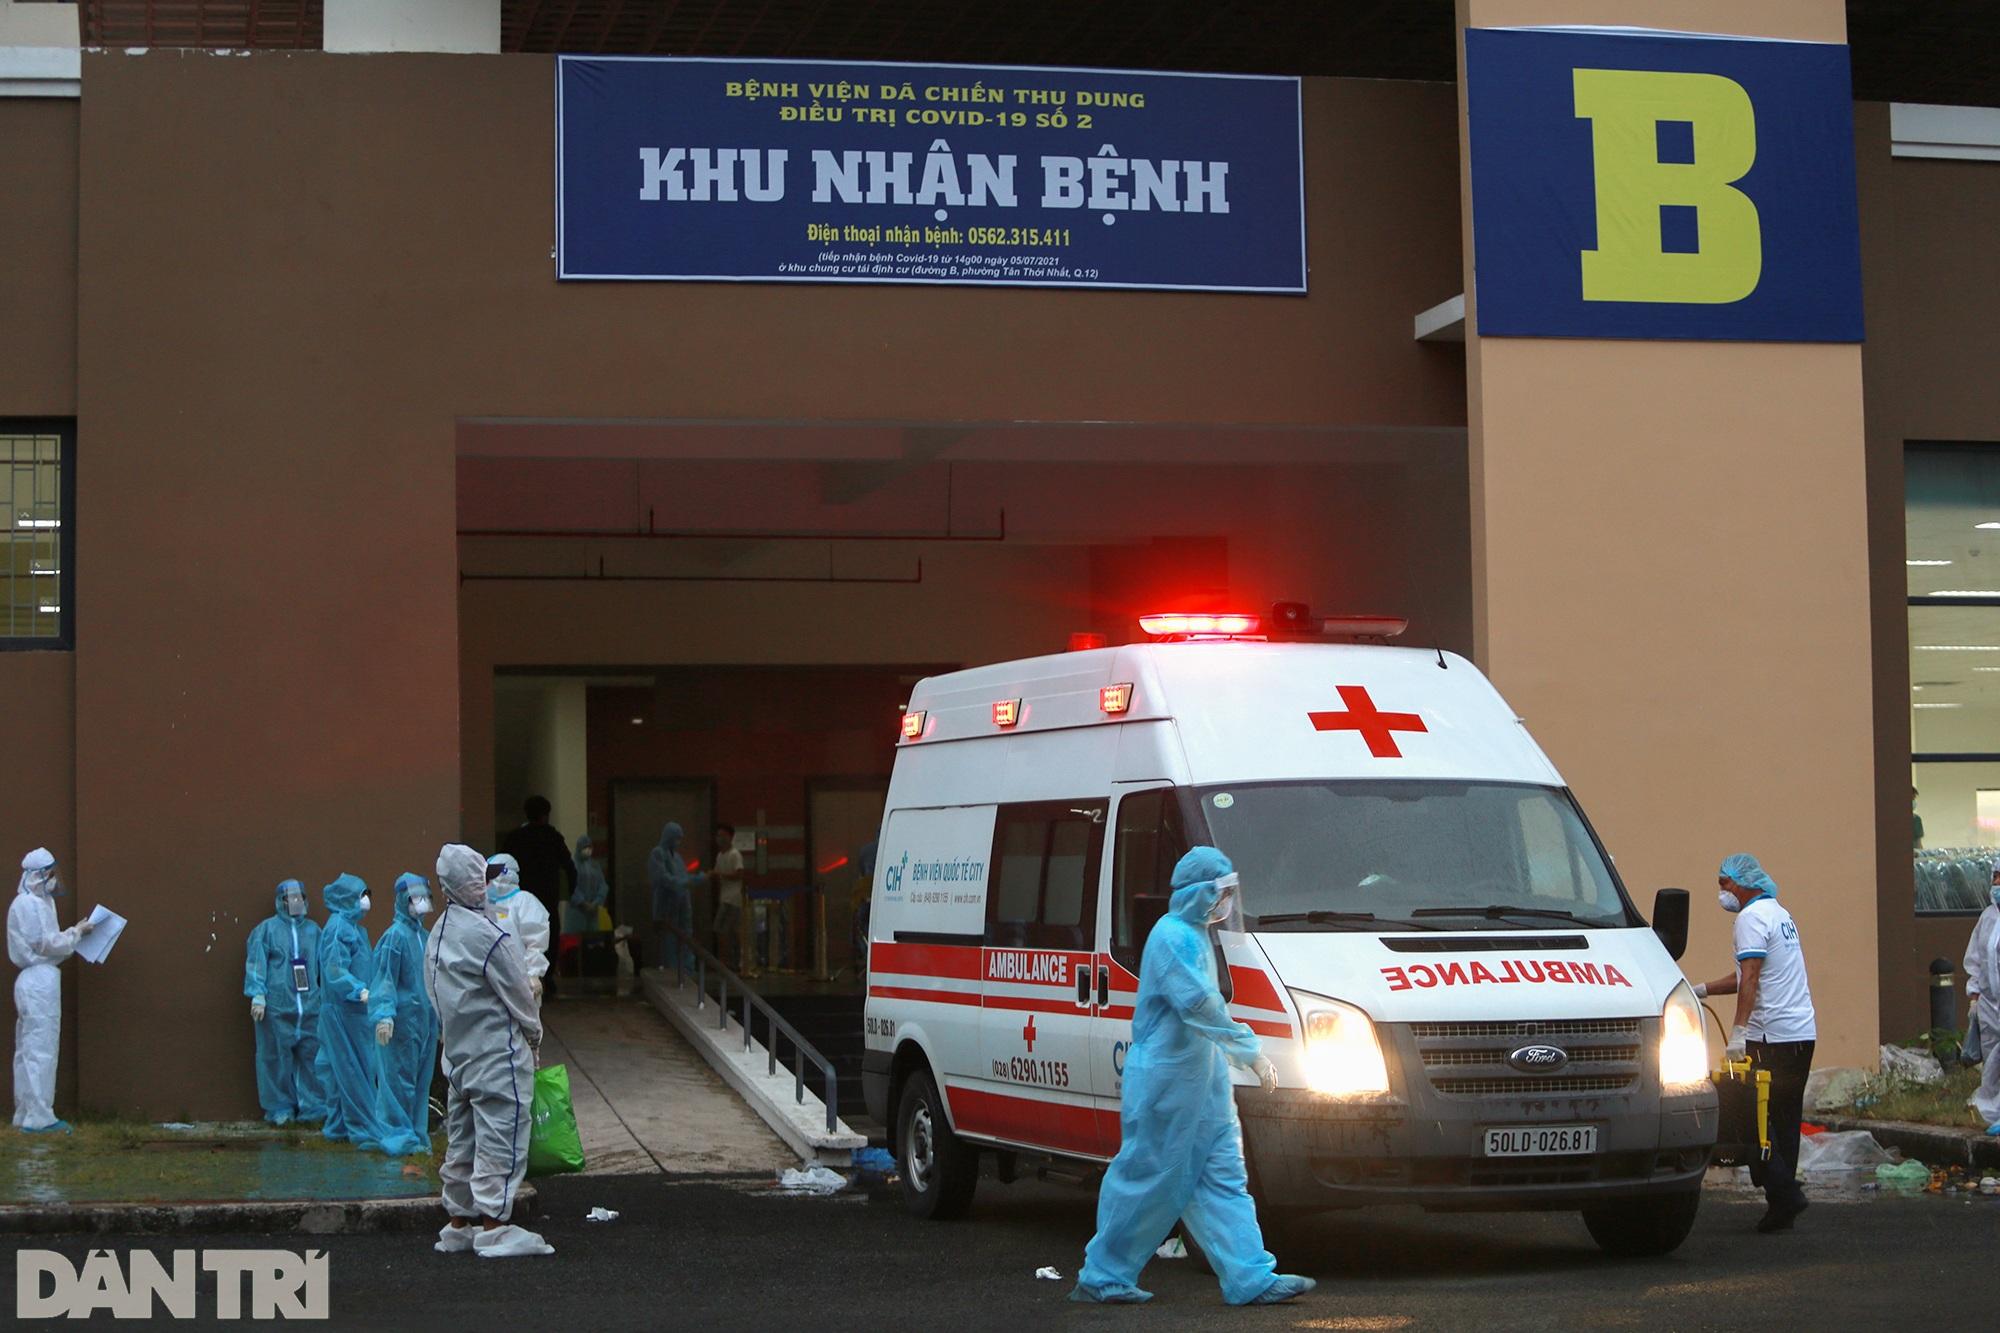 Cận cảnh 3 khu chung cư ở TPHCM được trưng dụng làm bệnh viện dã chiến - 11